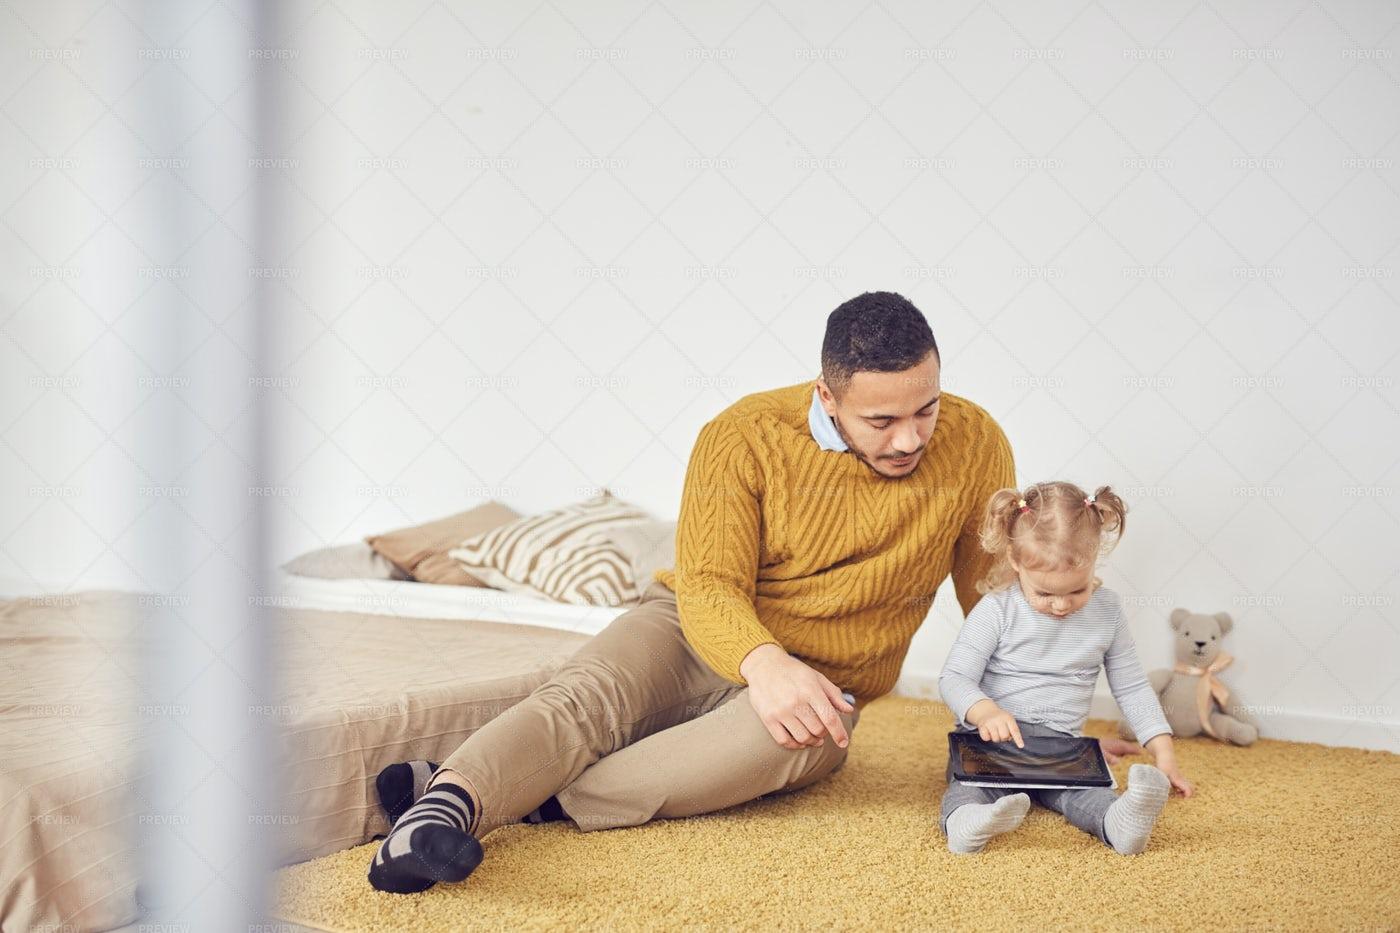 Contemporary Father Teaching...: Stock Photos